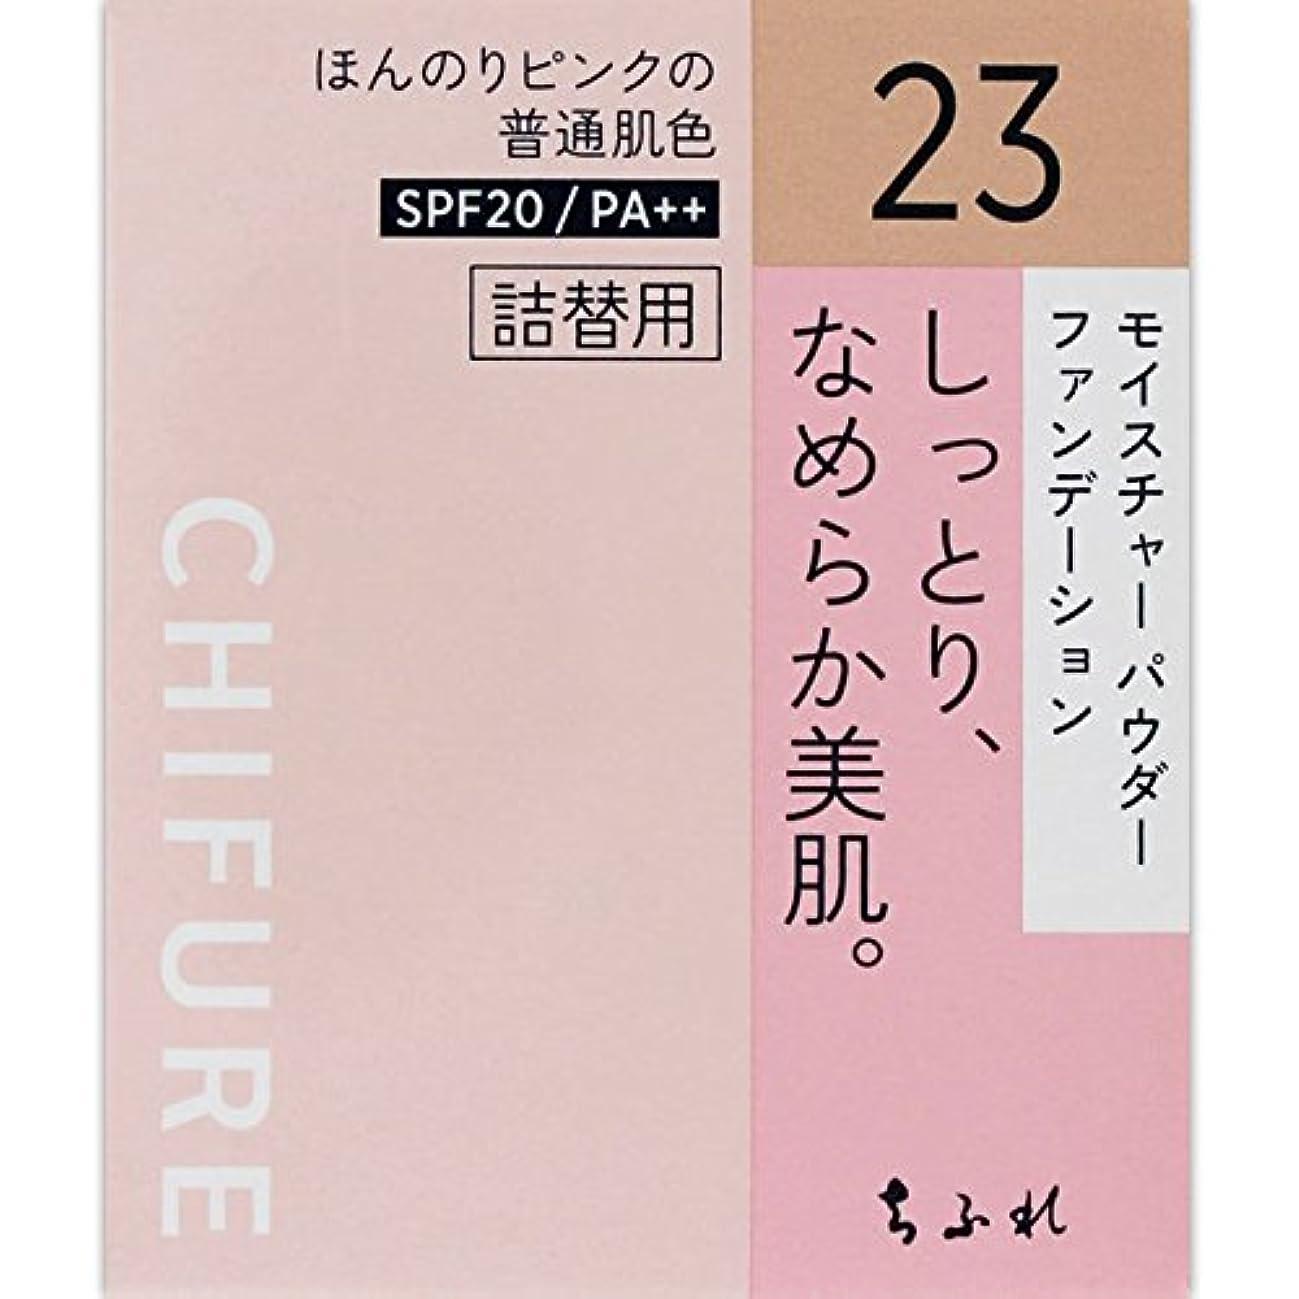 みすぼらしい恥繁殖ちふれ化粧品 モイスチャー パウダーファンデーション 詰替用 ピンクオークル系 MパウダーFD詰替用23